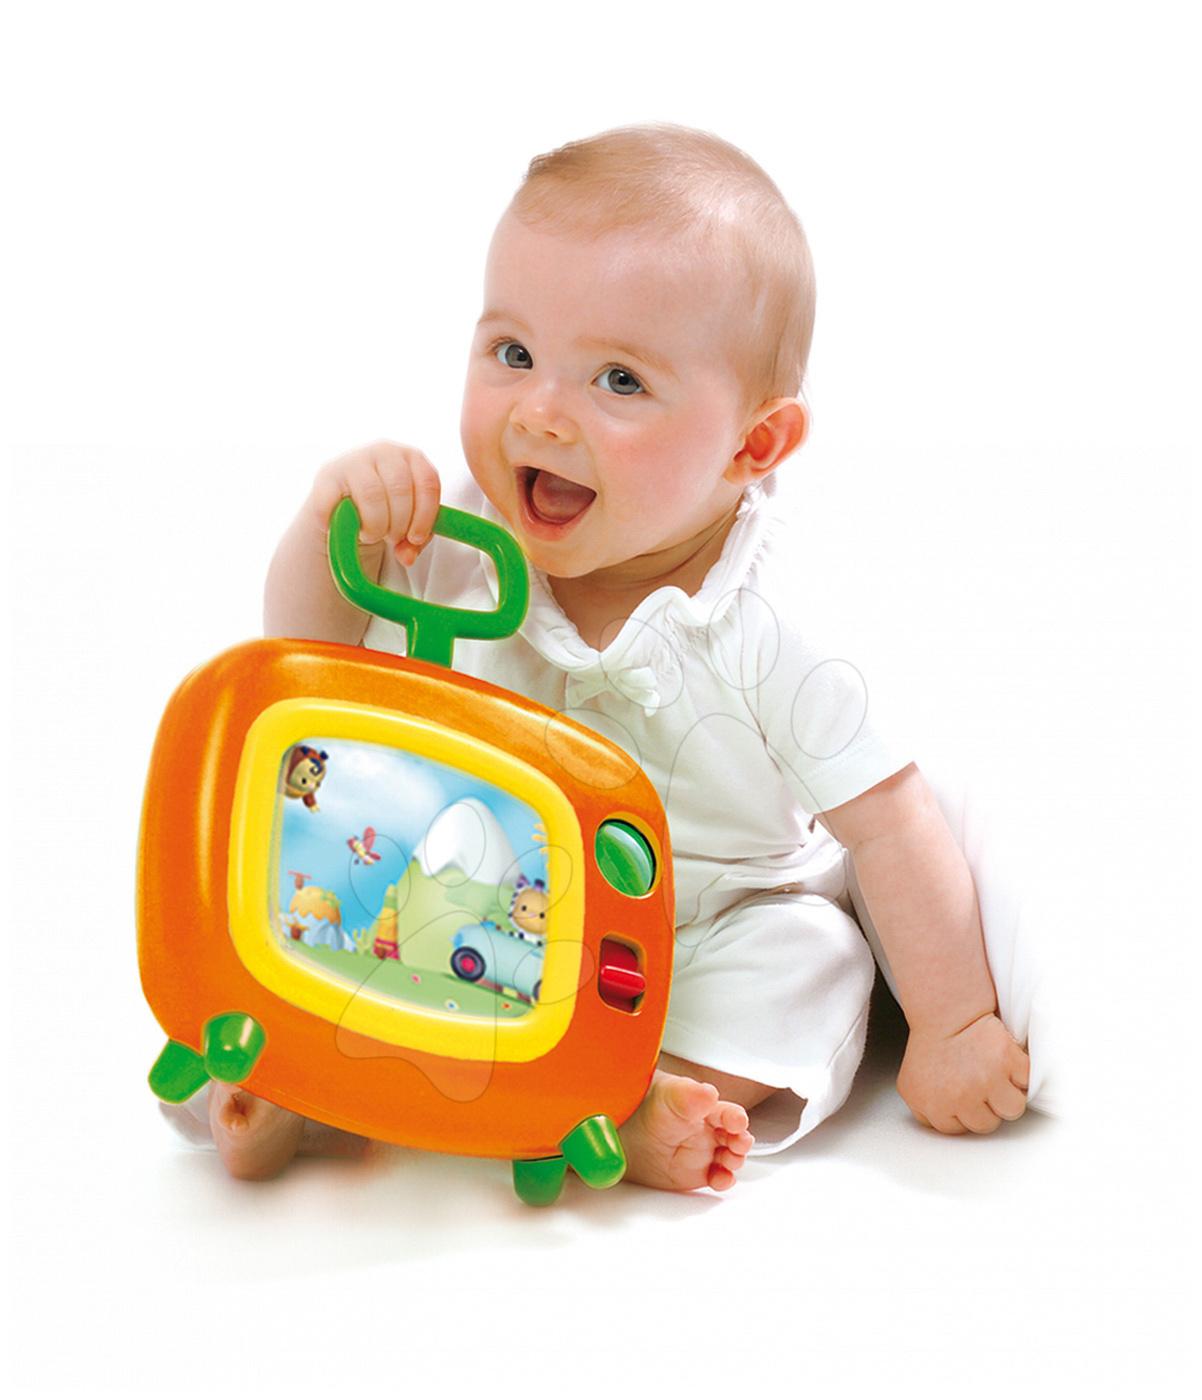 Igrače z zvoki - Televizija Cotoons Smoby z glasbo za dojenčke zeleno-oranžna od 6 mes